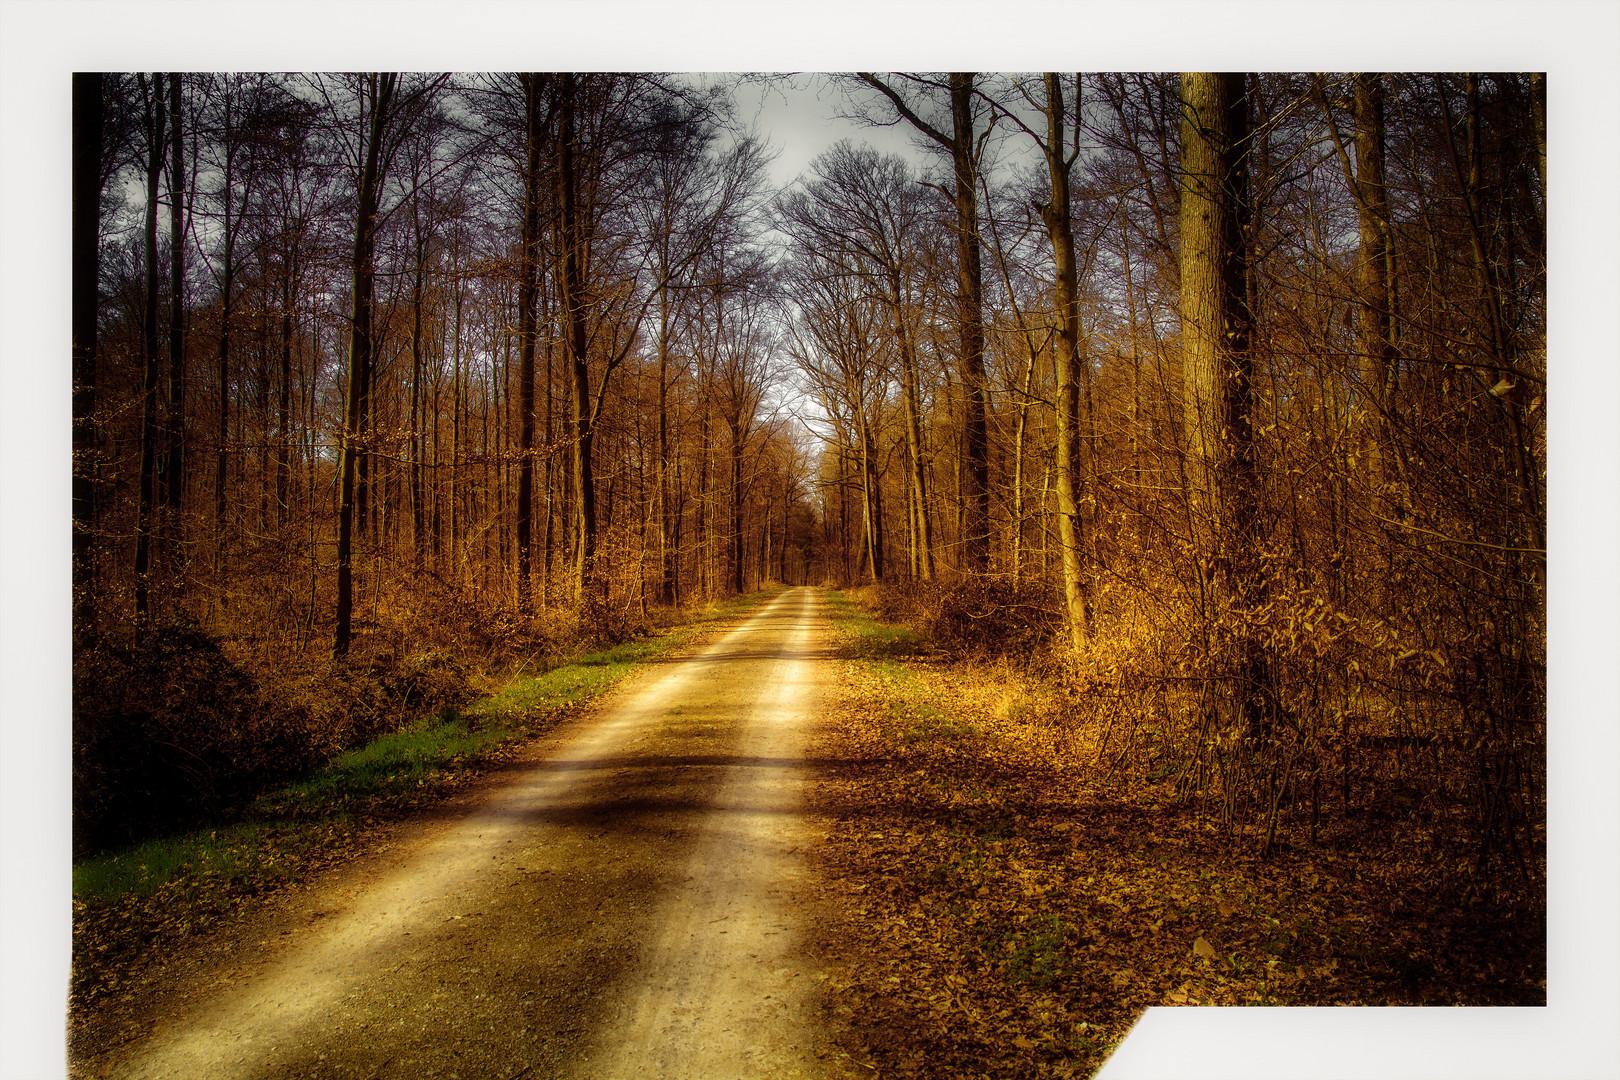 Entlang des Waldweges im Frühling